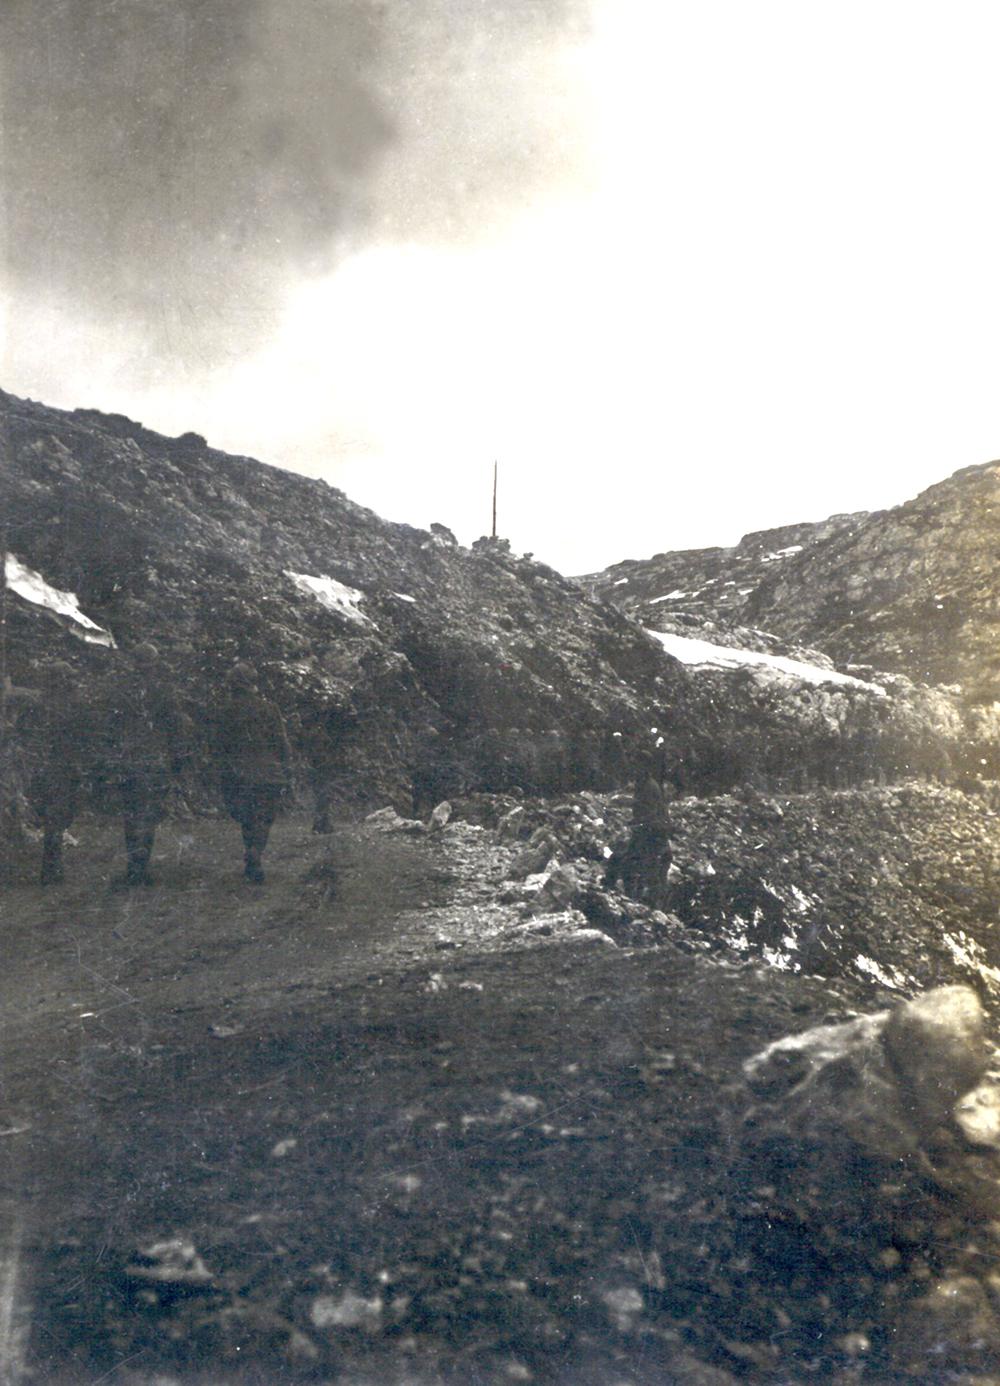 Prigionieri italiani catturati sull'Ortigara avviati verso le retrovie